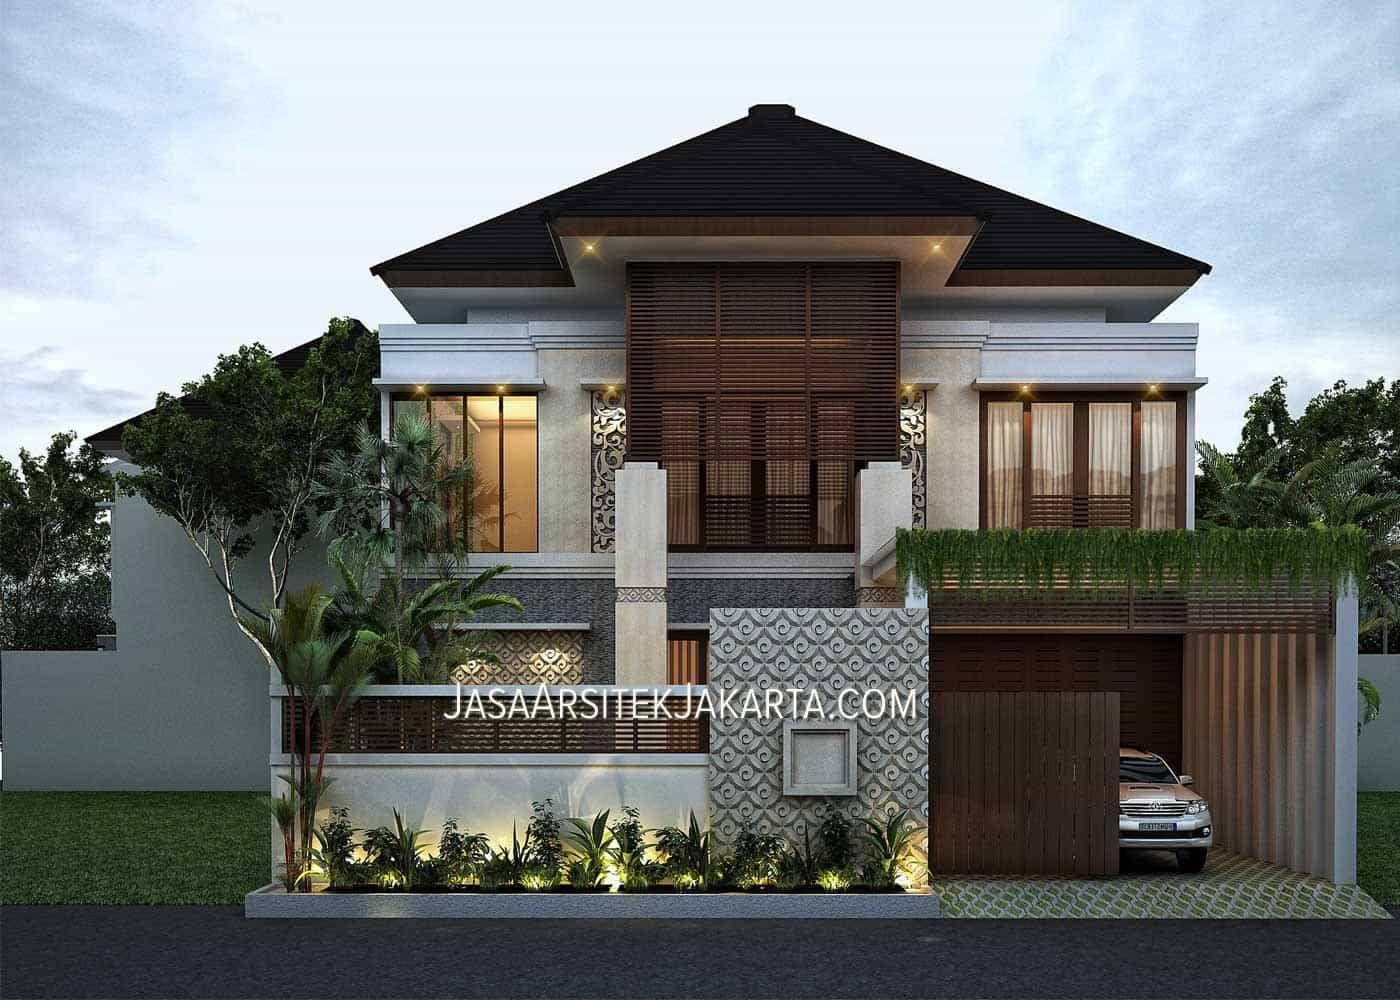 Desain Rumah Mewah Dan Elegan Cek Bahan Bangunan